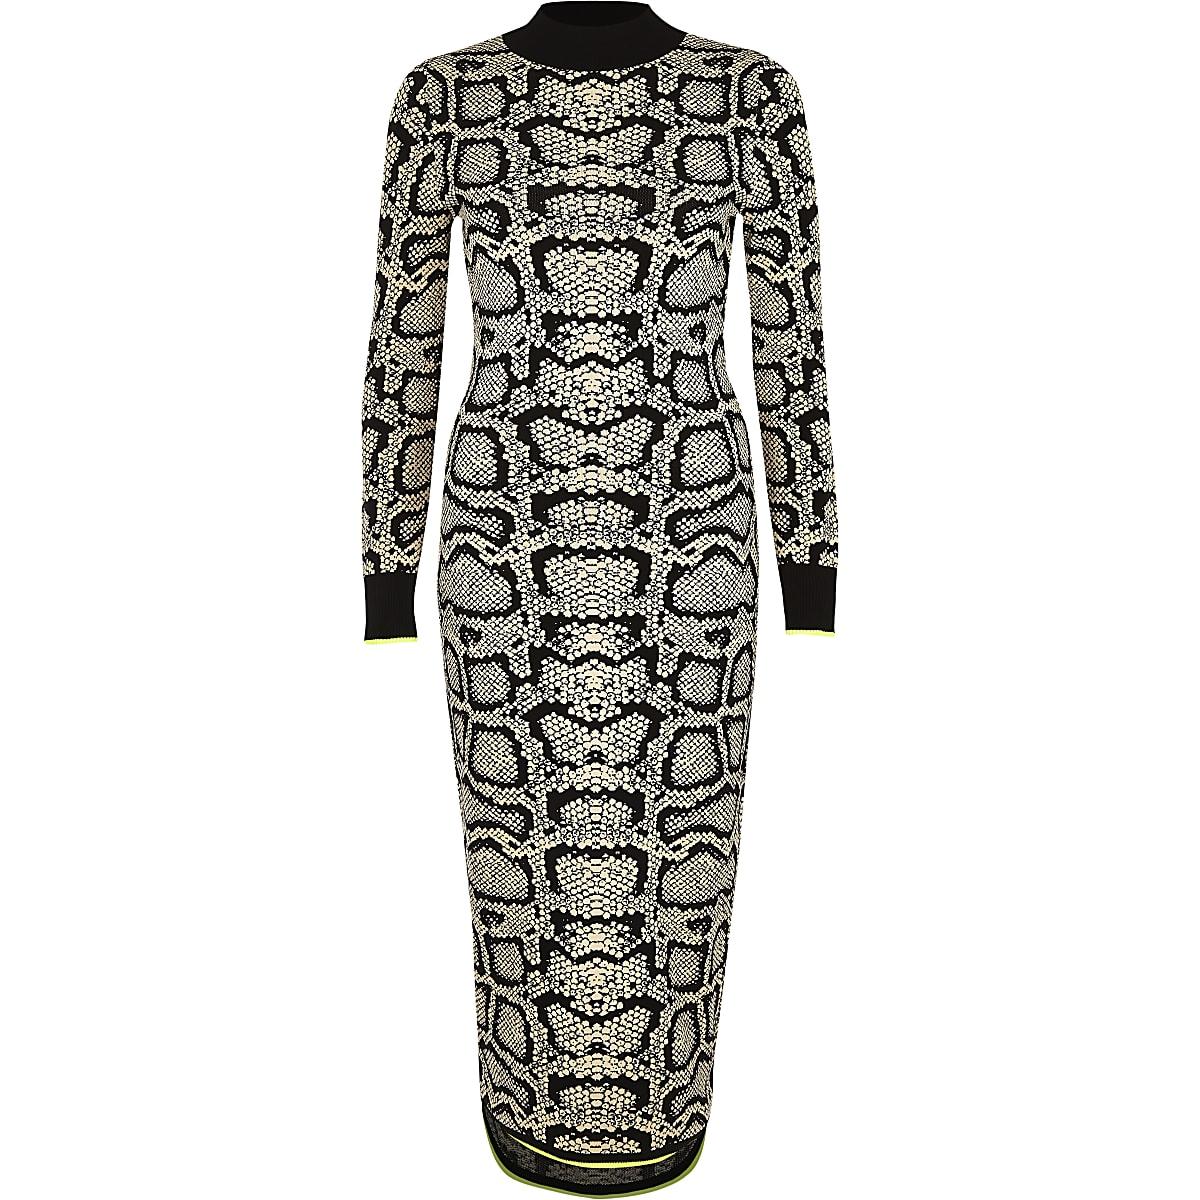 ce3ff5d98a7760 Bruine hoogsluitende strakke jurk met slangenleerprint ...